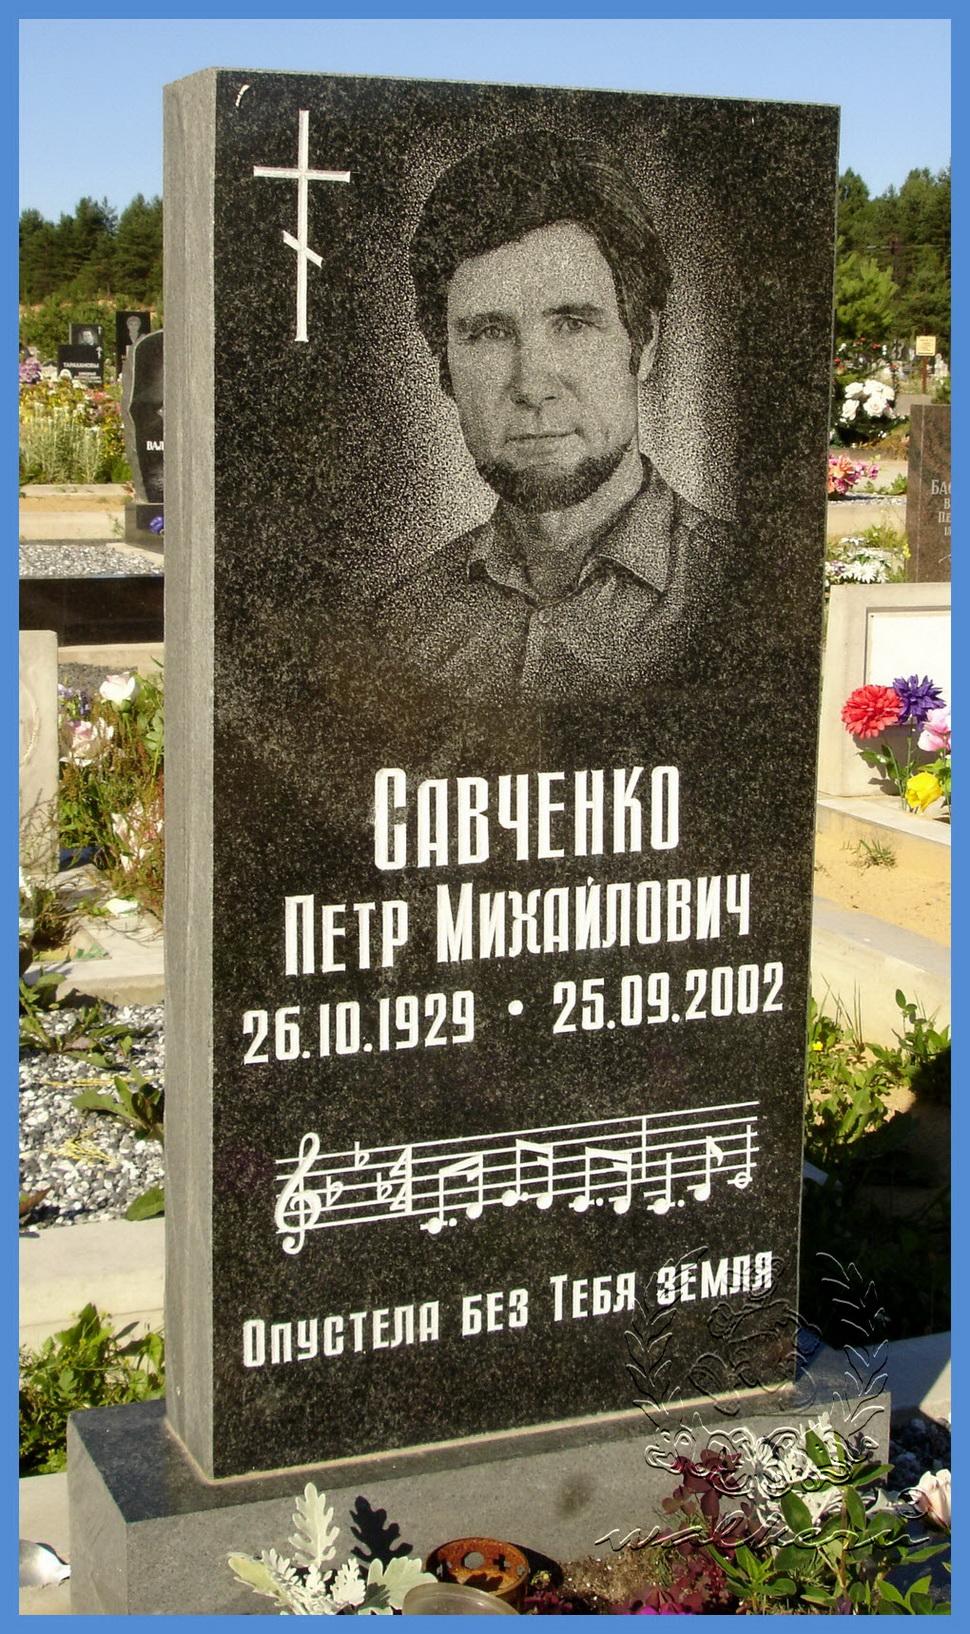 Савченко Пётр Михайлович